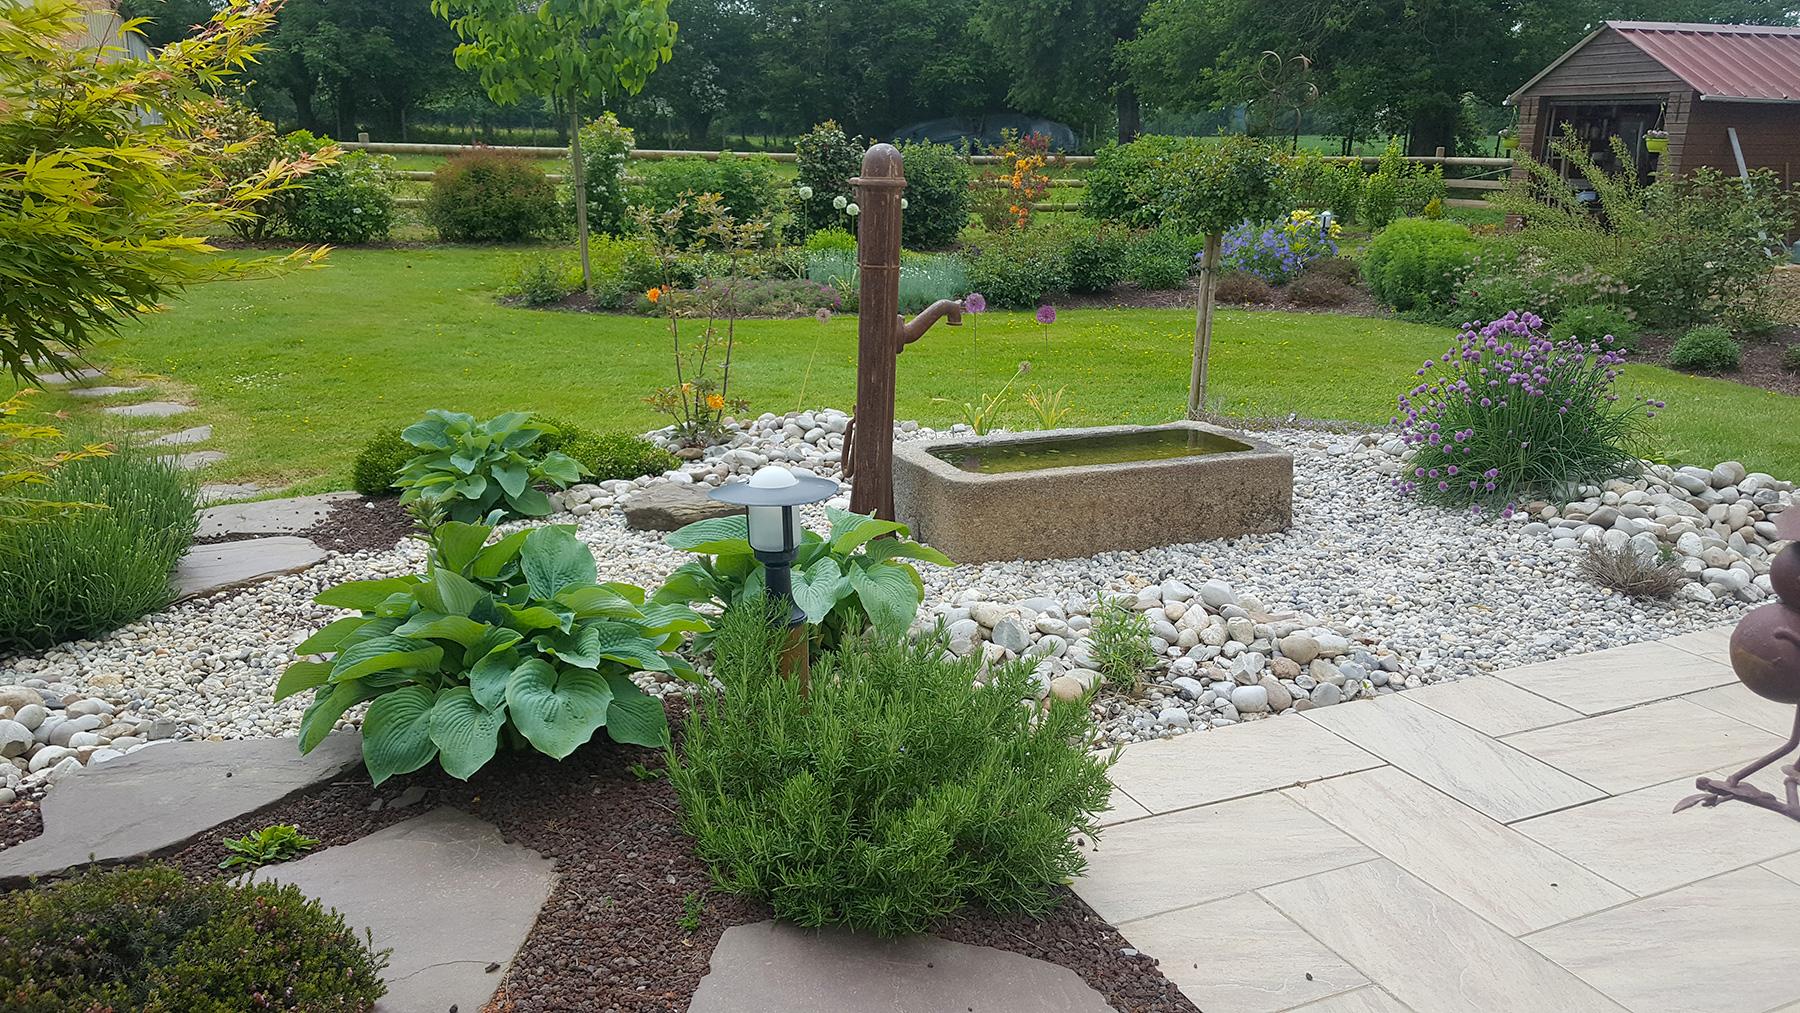 Bassin Fontaine De Jardin fontaine de jardin - fontaine extérieur | paysages conseil